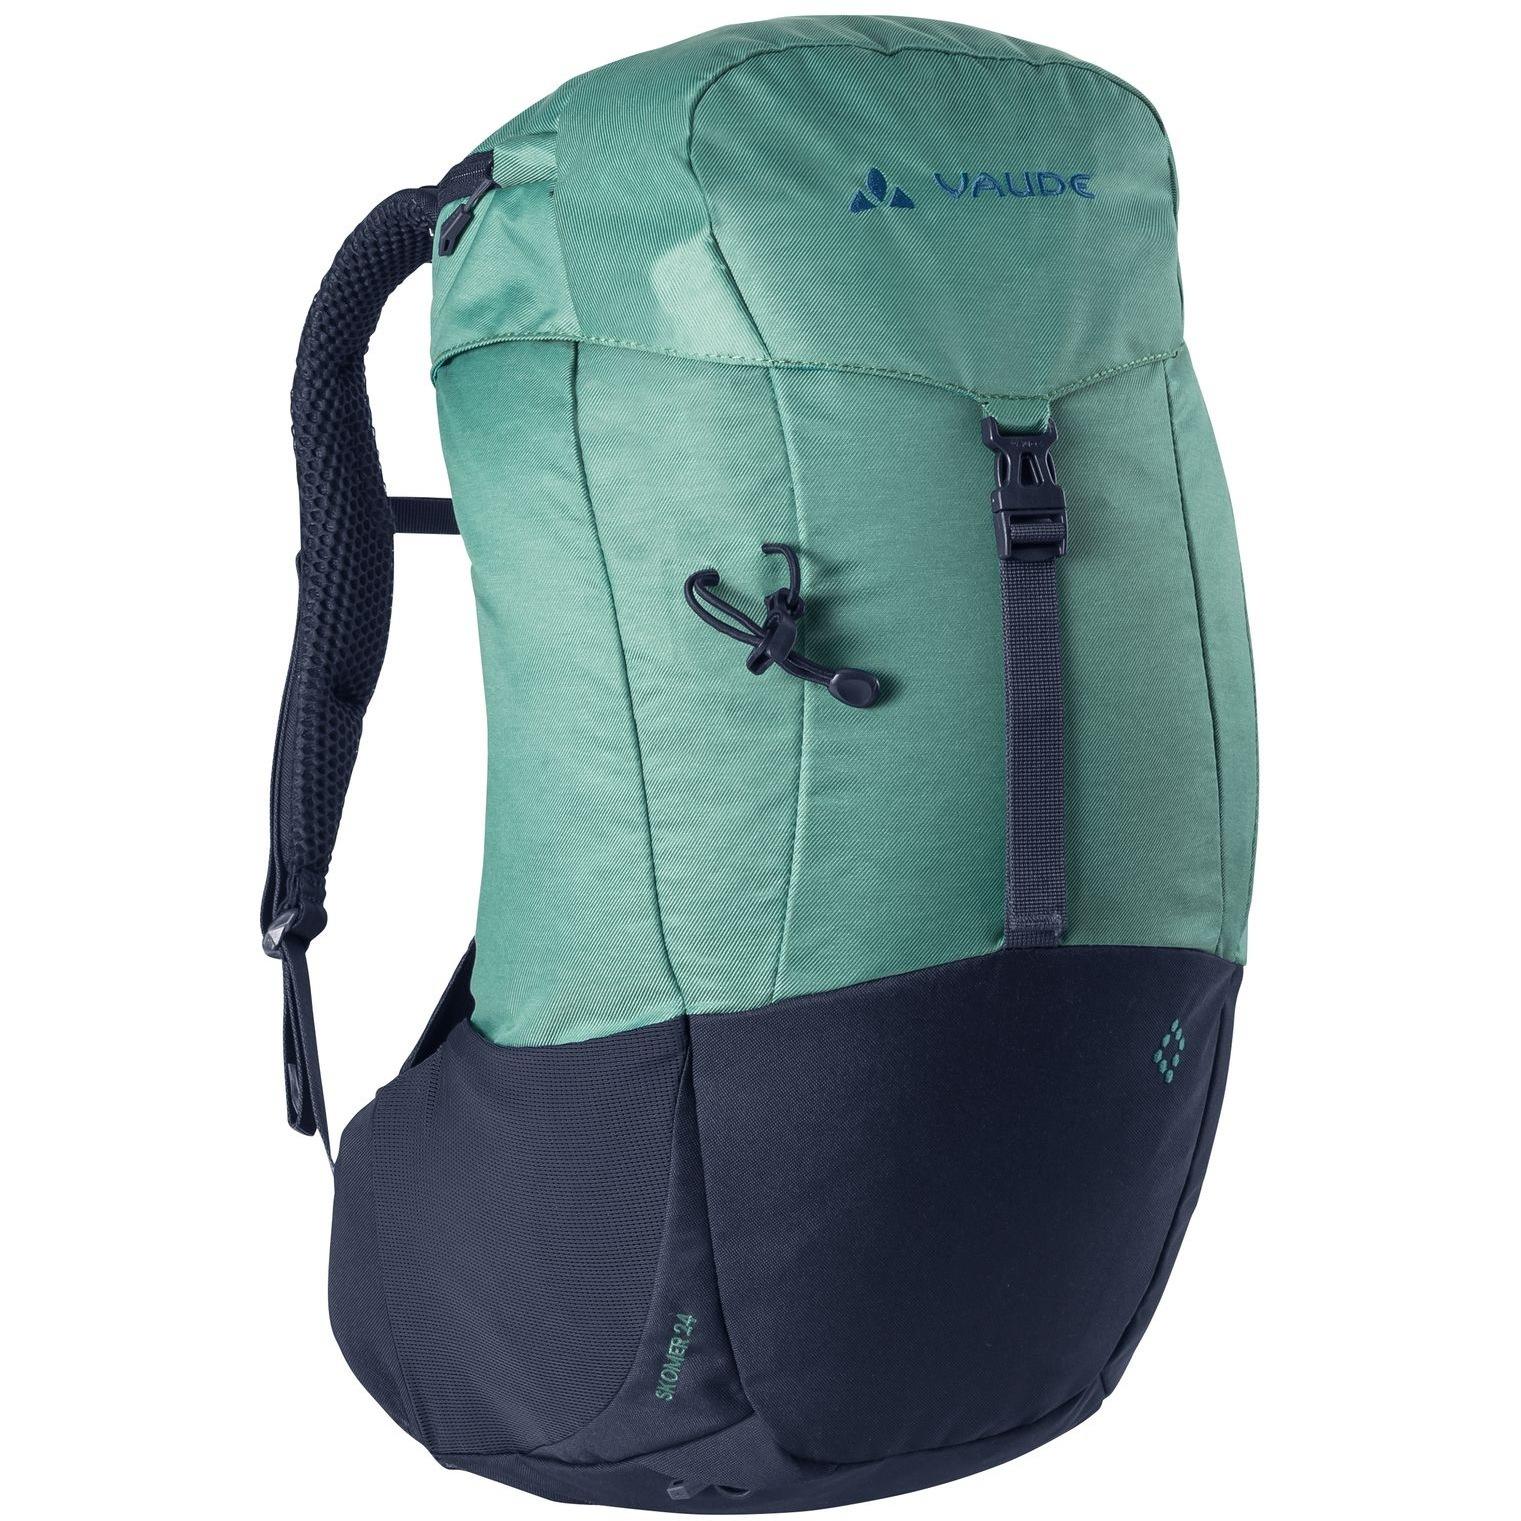 Vaude Women's Skomer 24 Backpack - nickel green